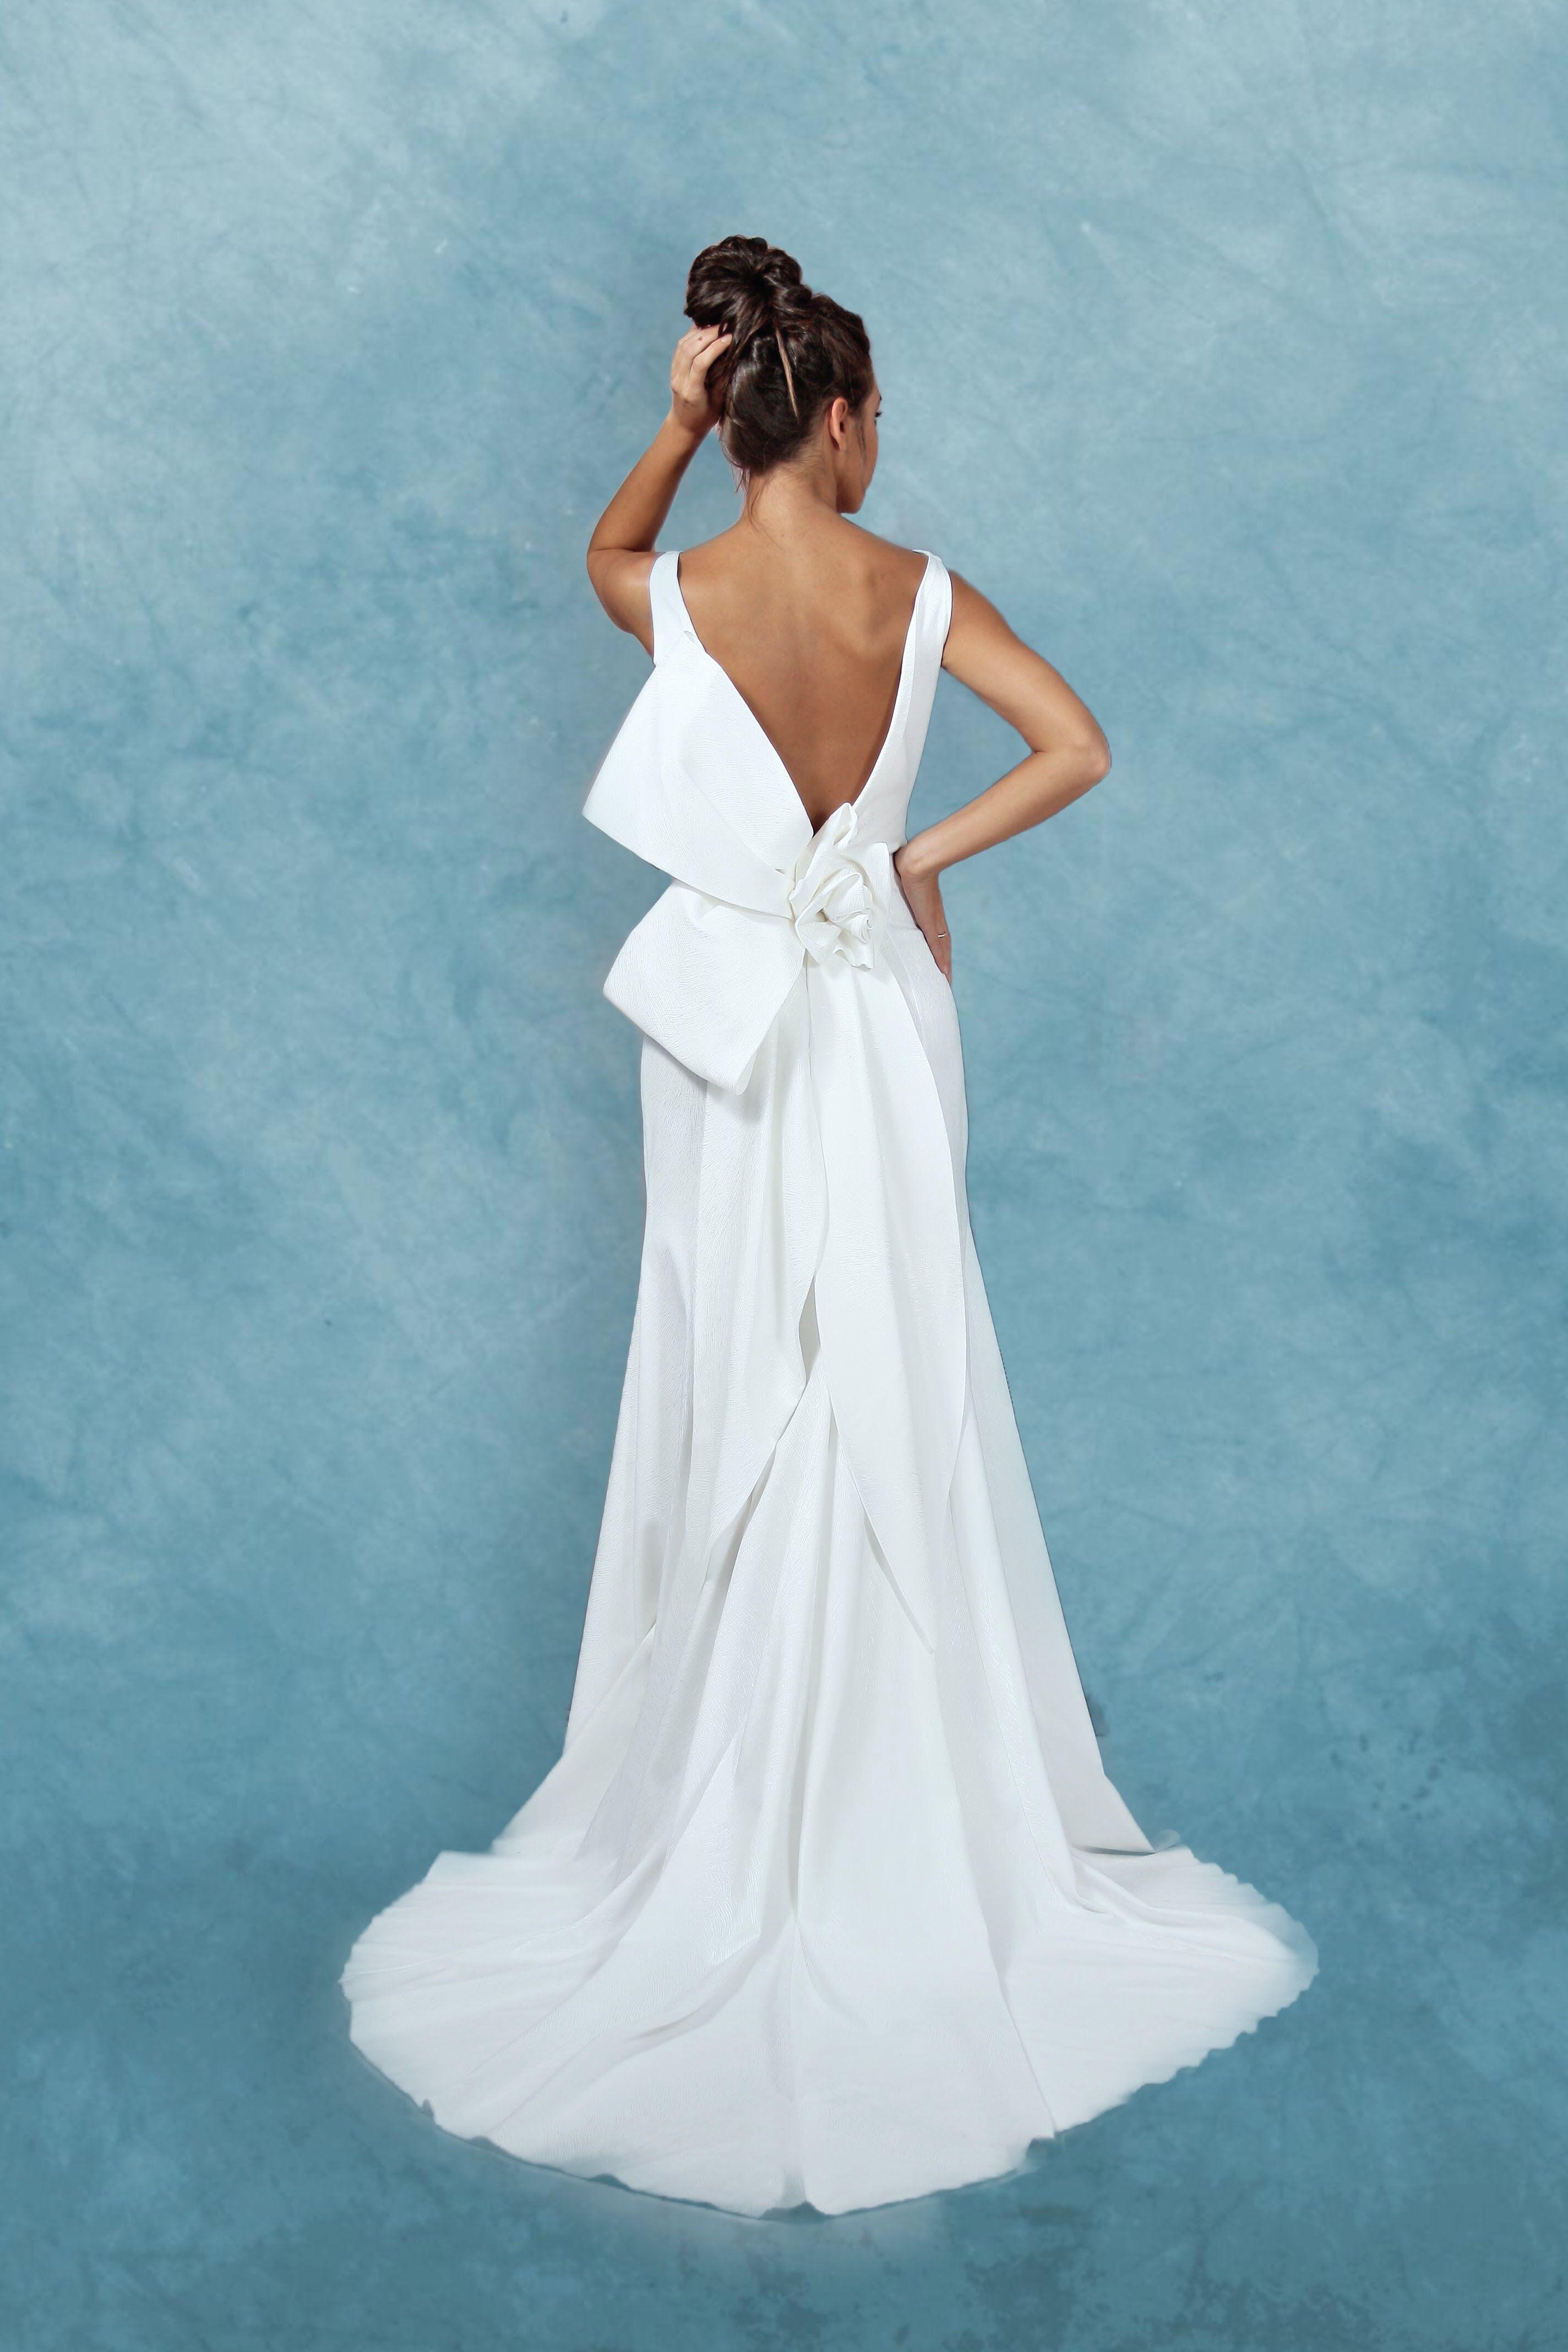 fb4d1b006993 Abito da sposa bianco in raso devorè di pura seta elasticizzata con  scollatura a barchetta